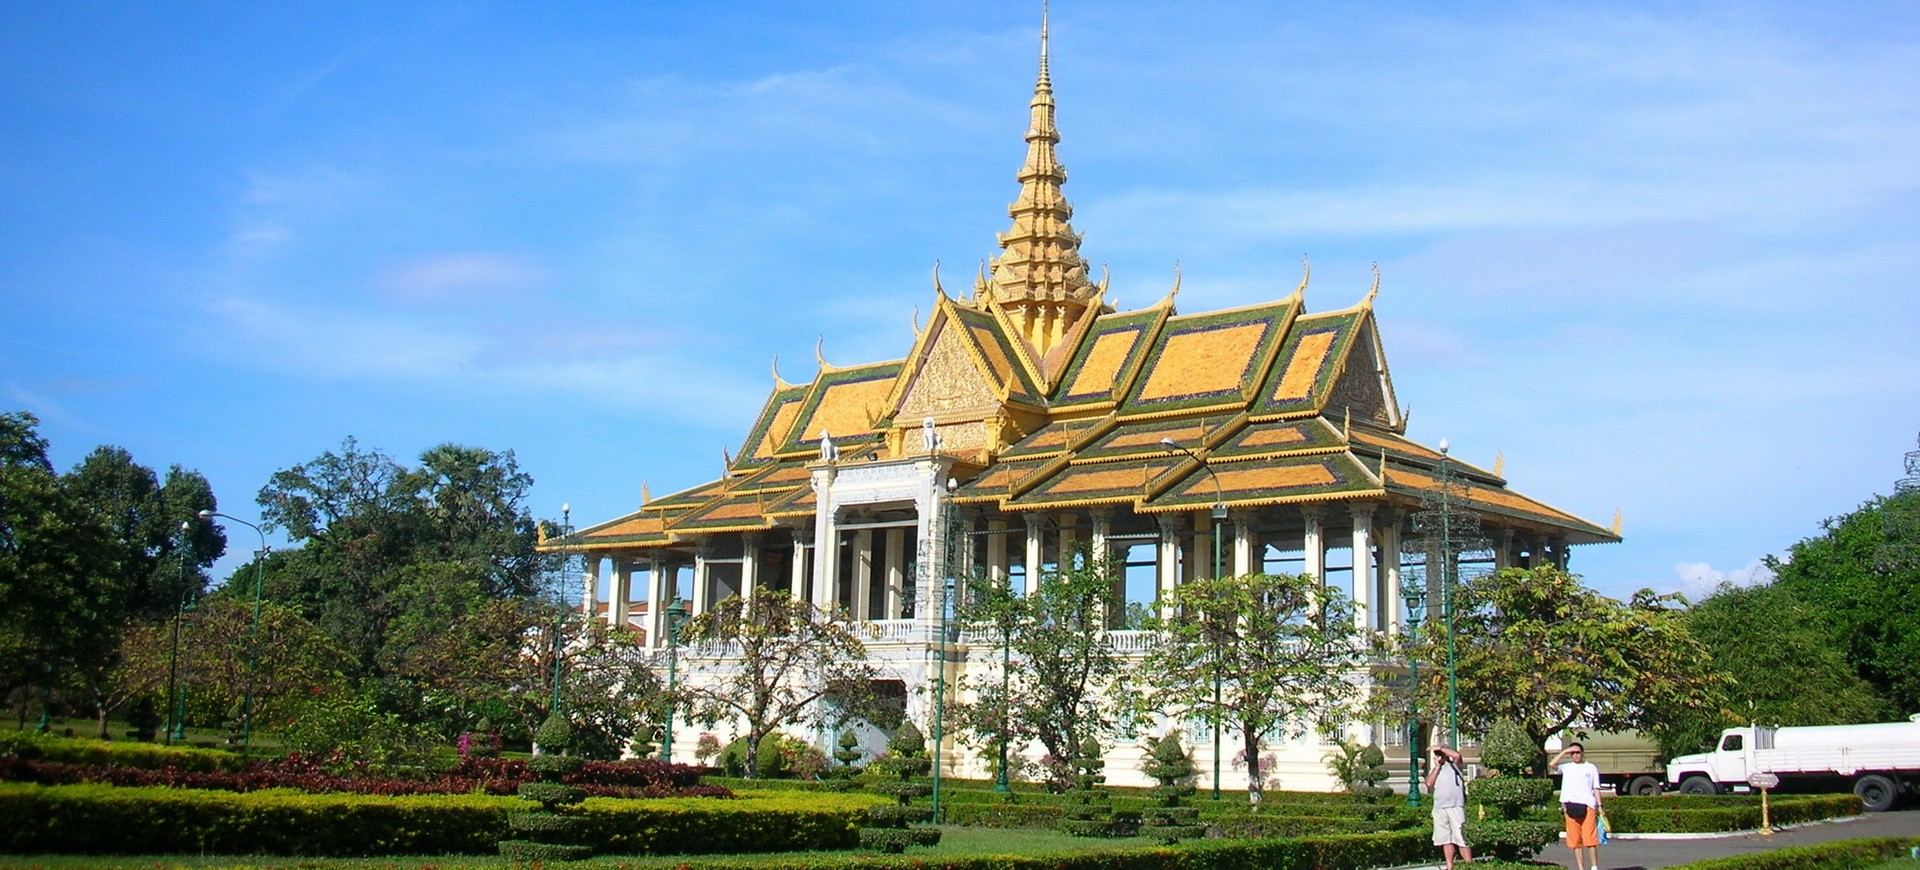 Cambodge Phnompenh Palais Royal